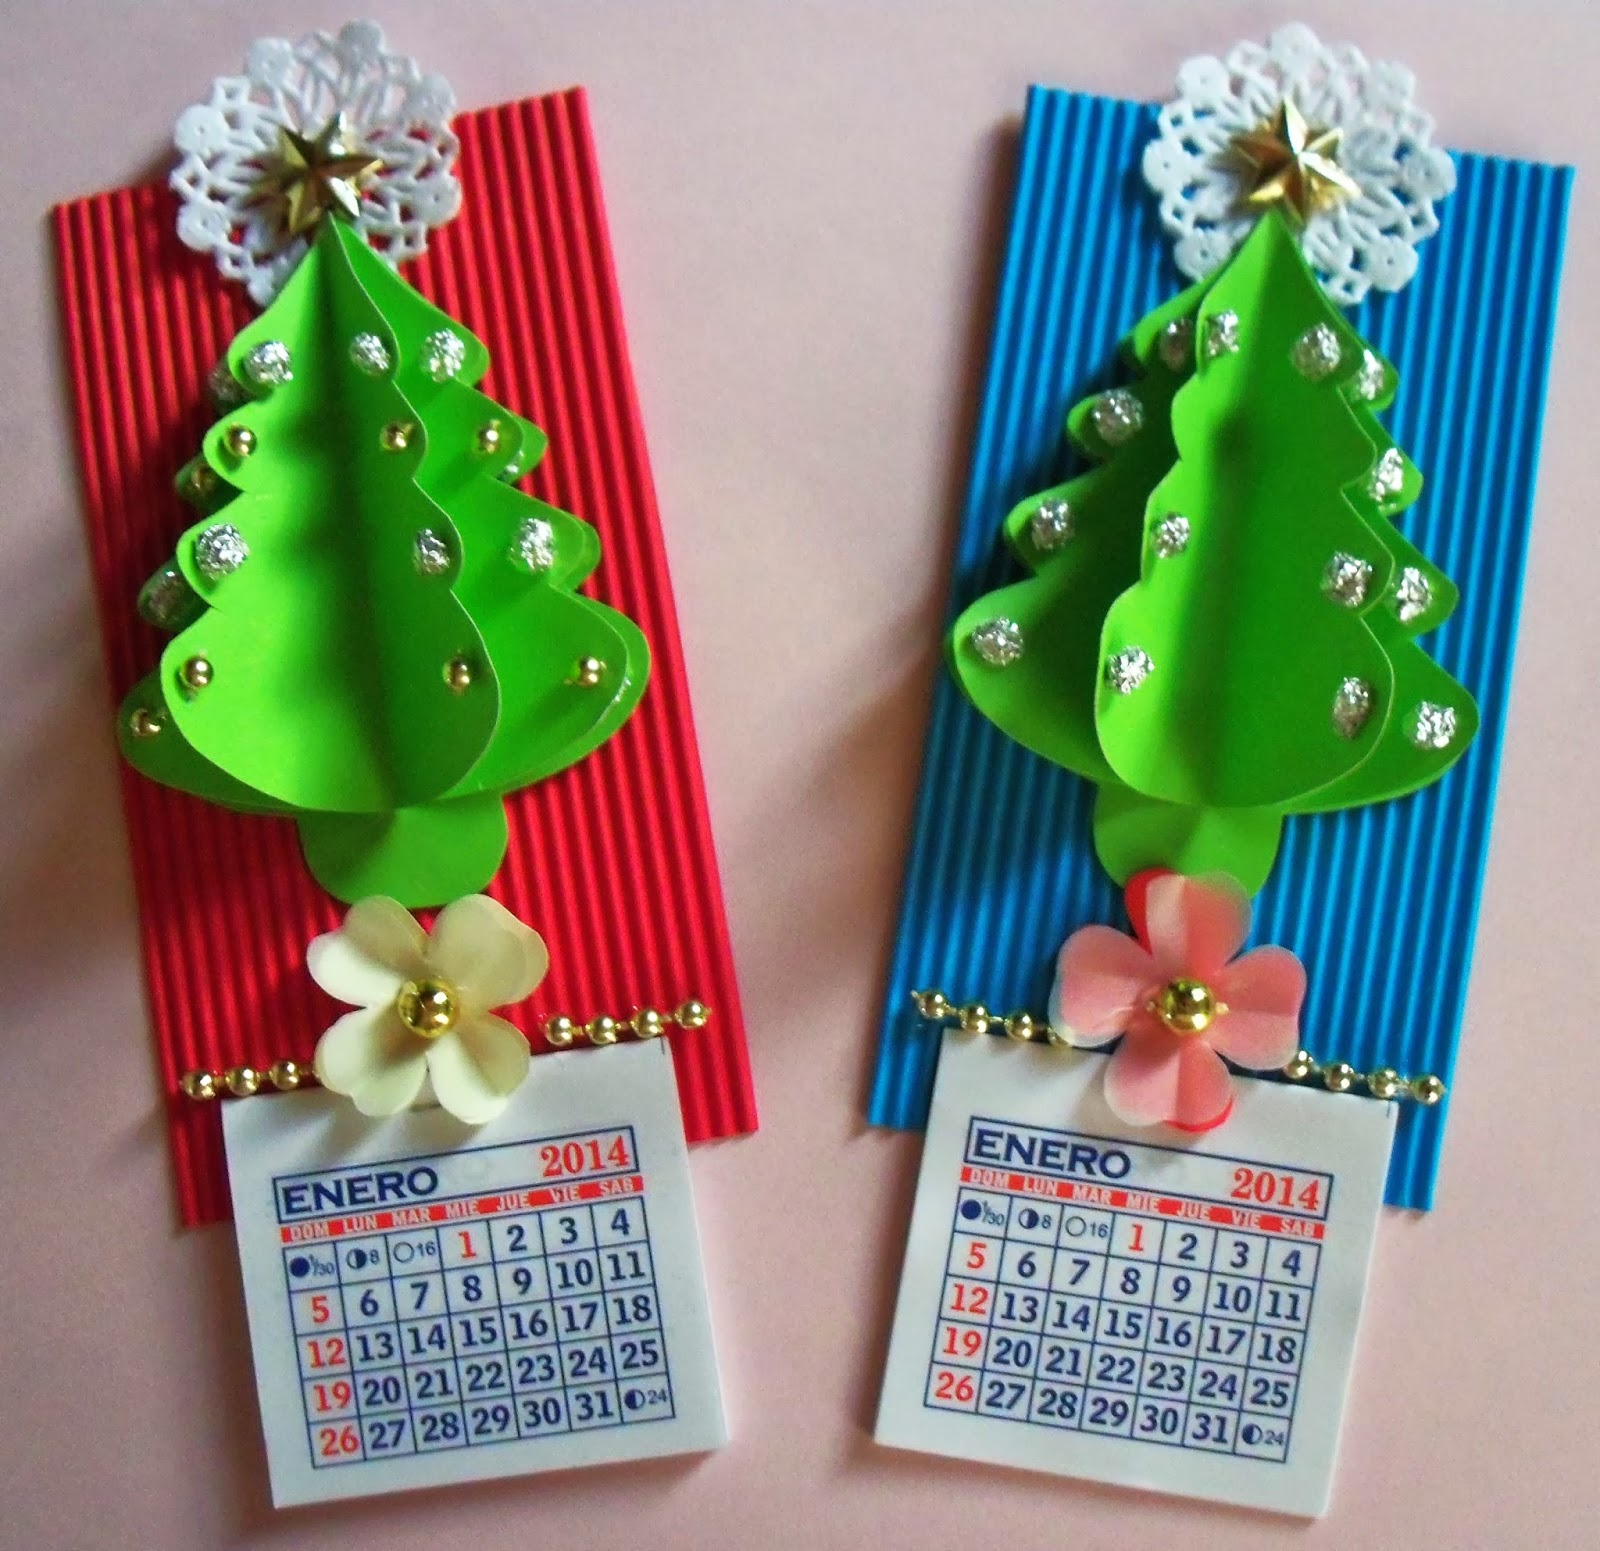 La catequesis el blog de sandra manualidades de navidad - Manualidad ninos navidad ...